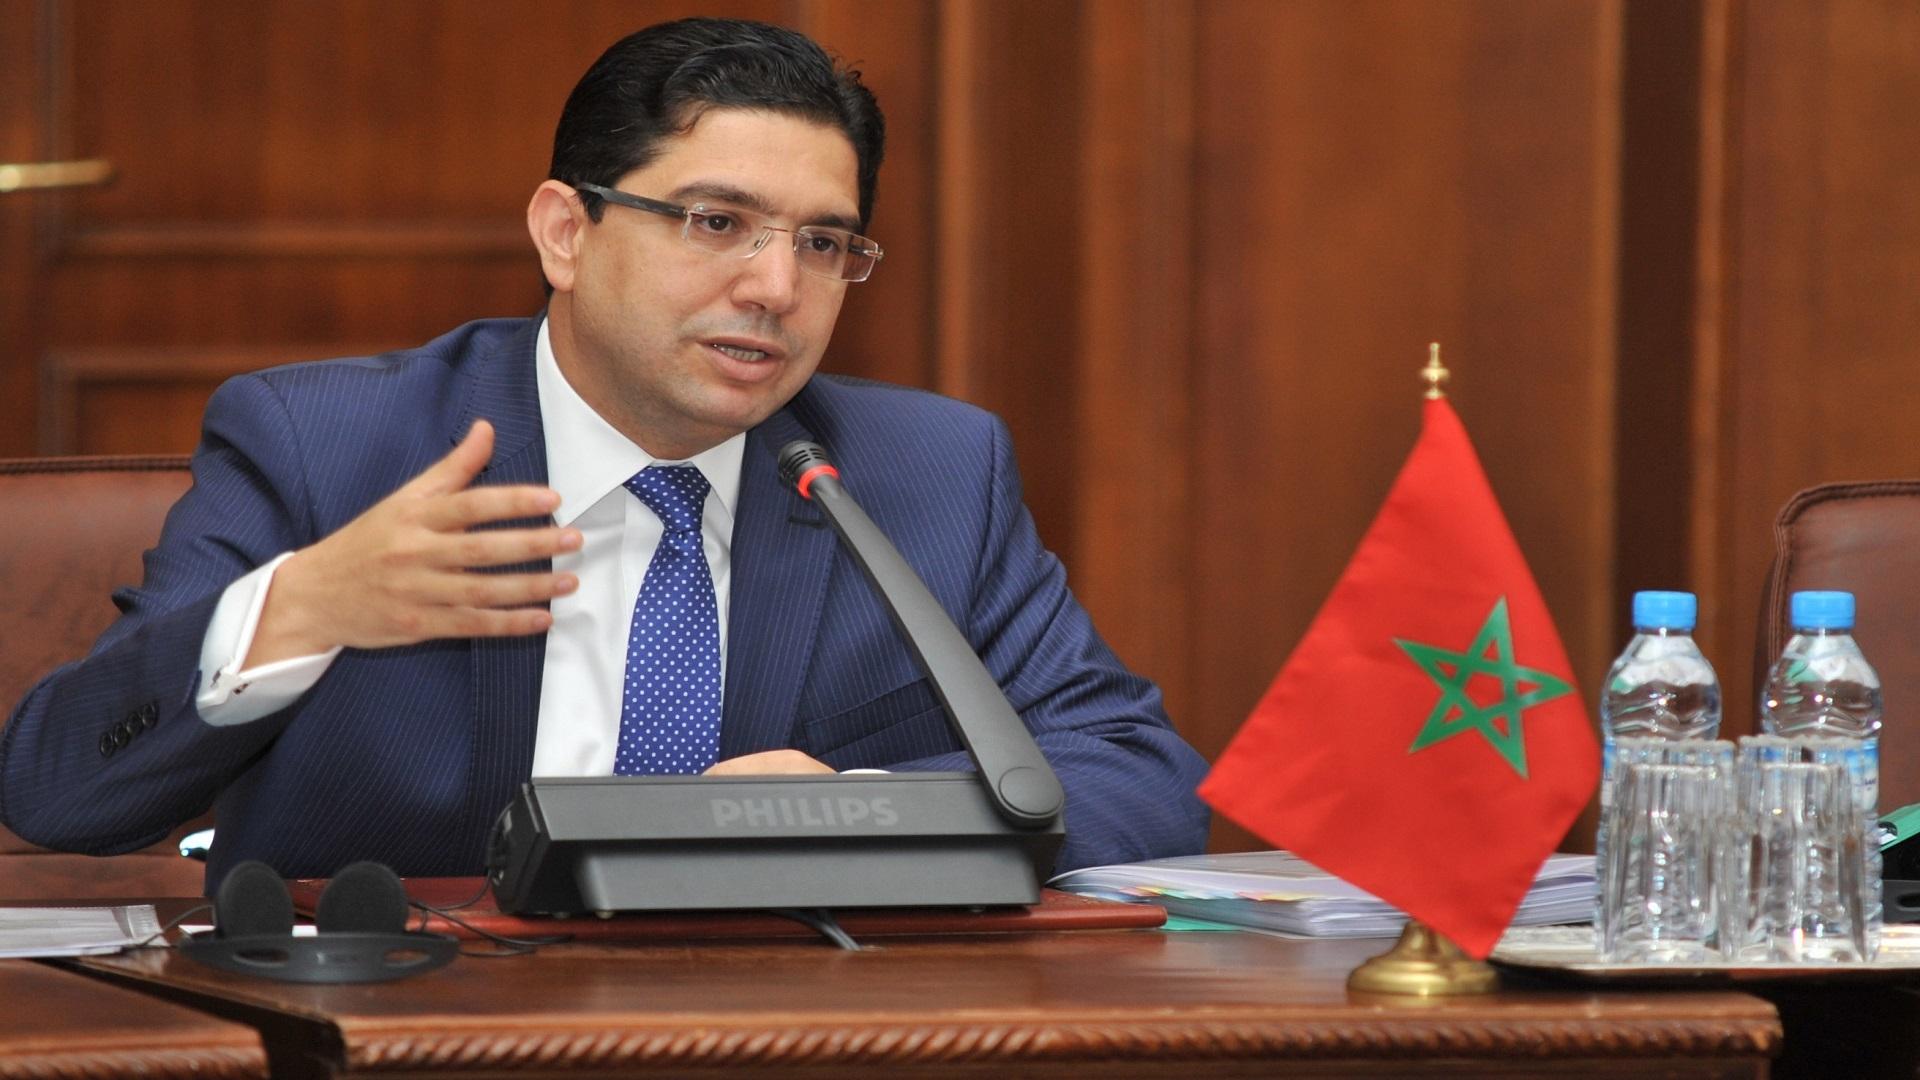 صورة بوريطة:صورة المغرب في الخارج إيجابية..وشركاؤه يثقون فيه